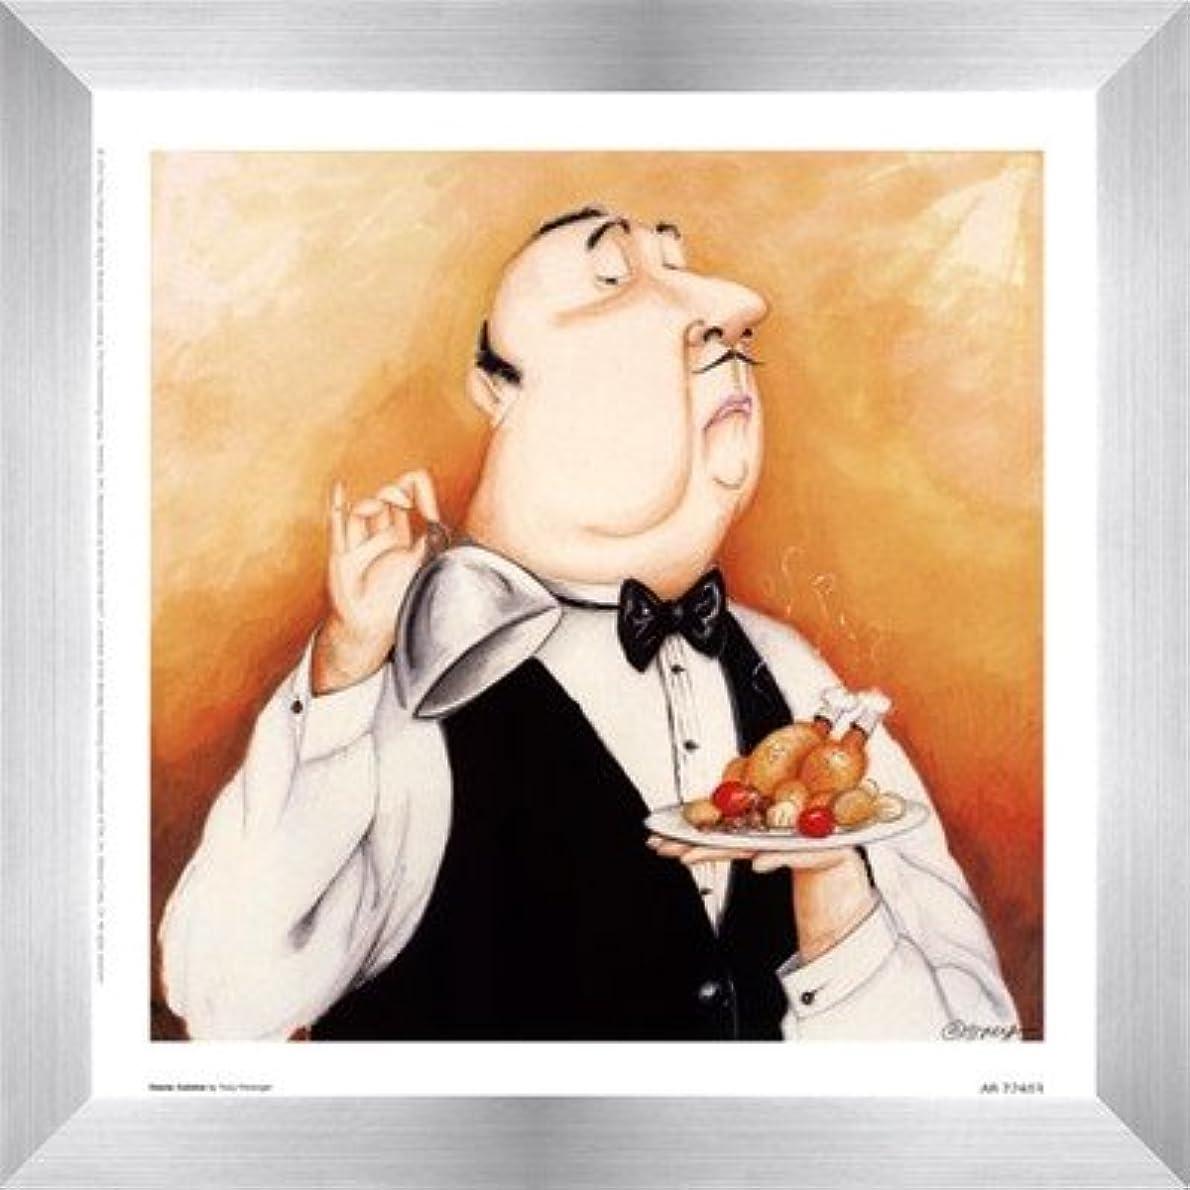 火山学者忠実な塩辛いHaute料理by Tracy Flickinger – 9 x 9インチ – アートプリントポスター LE_468075-F9935-9x9